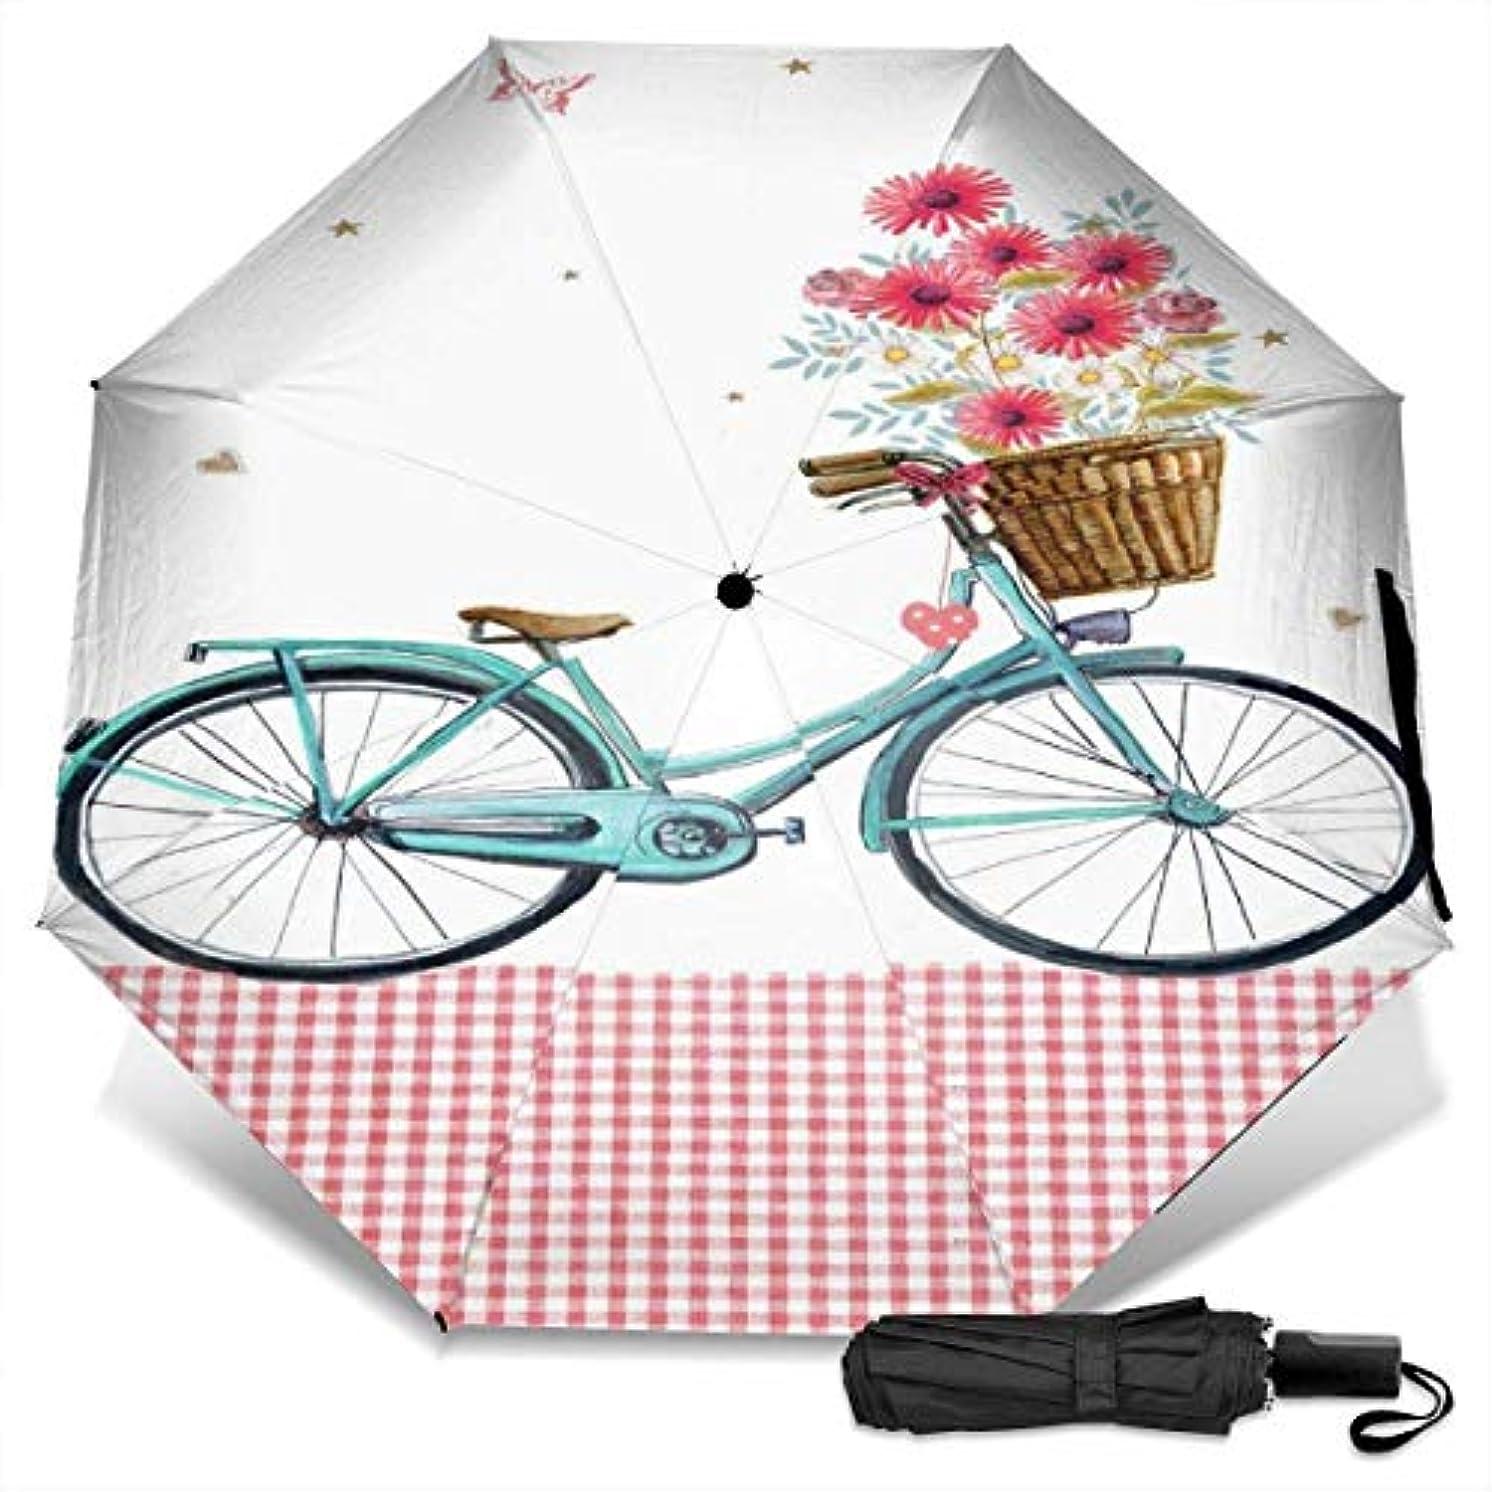 本当のことを言うと住居クマノミ花の花と蝶の青い自転車折りたたみ傘 軽量 手動三つ折り傘 日傘 耐風撥水 晴雨兼用 遮光遮熱 紫外線対策 携帯用かさ 出張旅行通勤 女性と男性用 (黒ゴム)